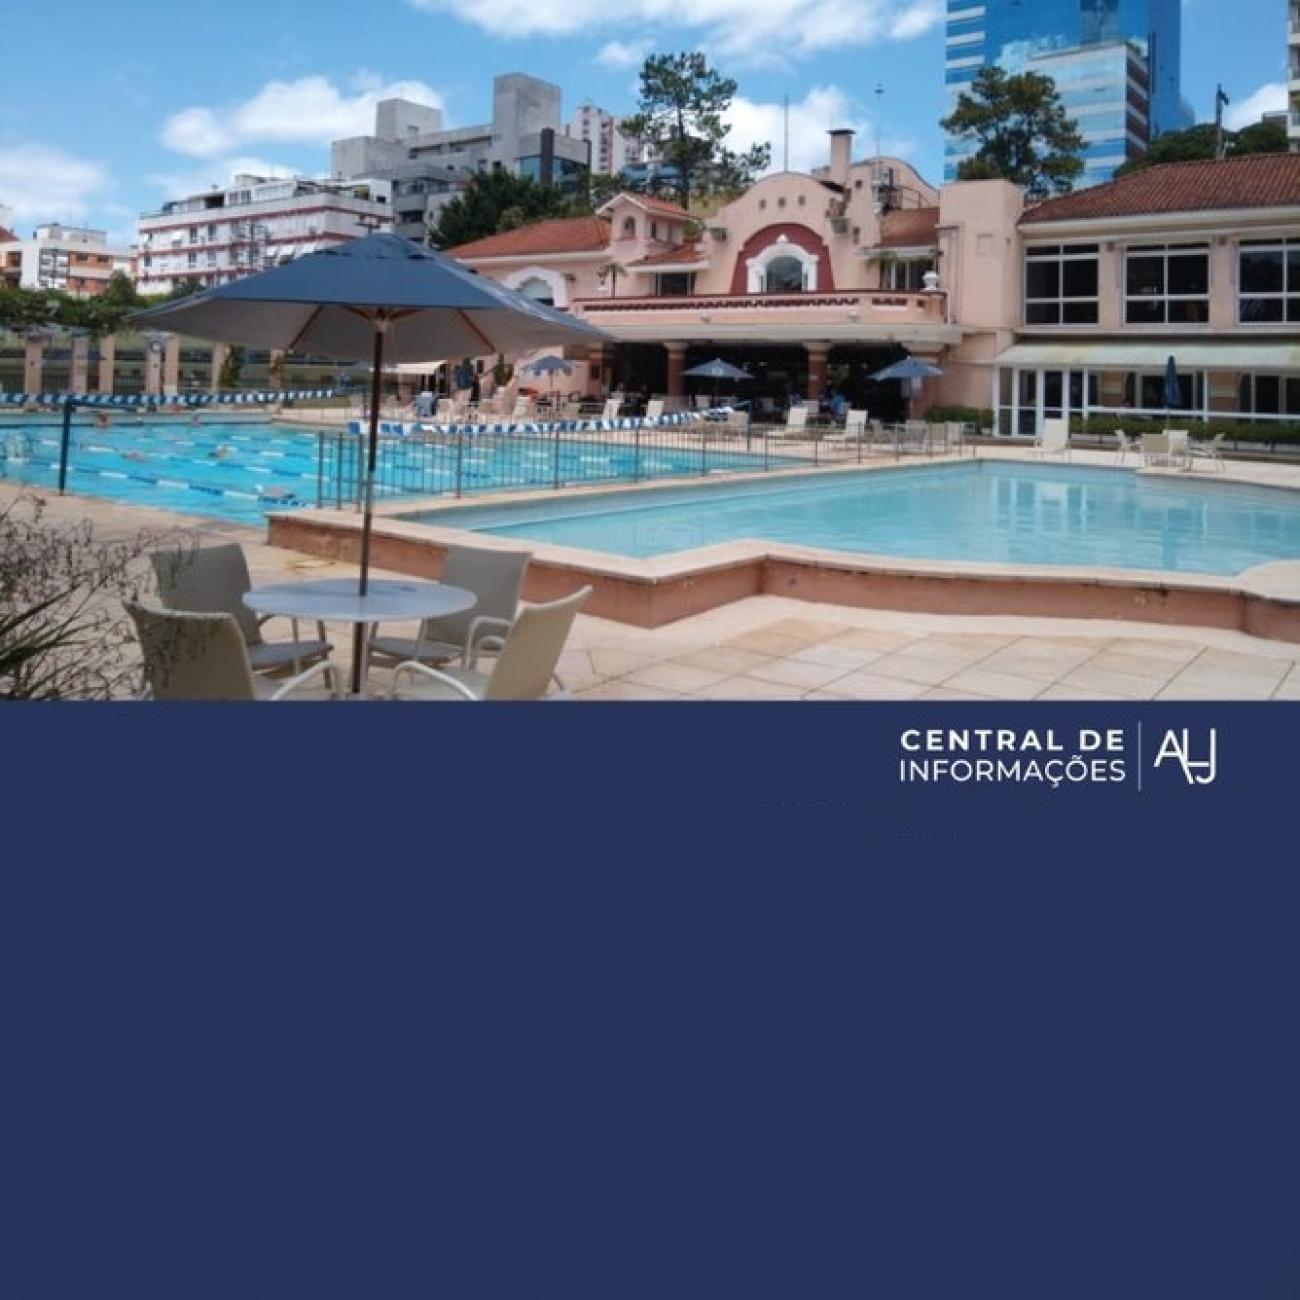 Liberação das piscinas para lazer